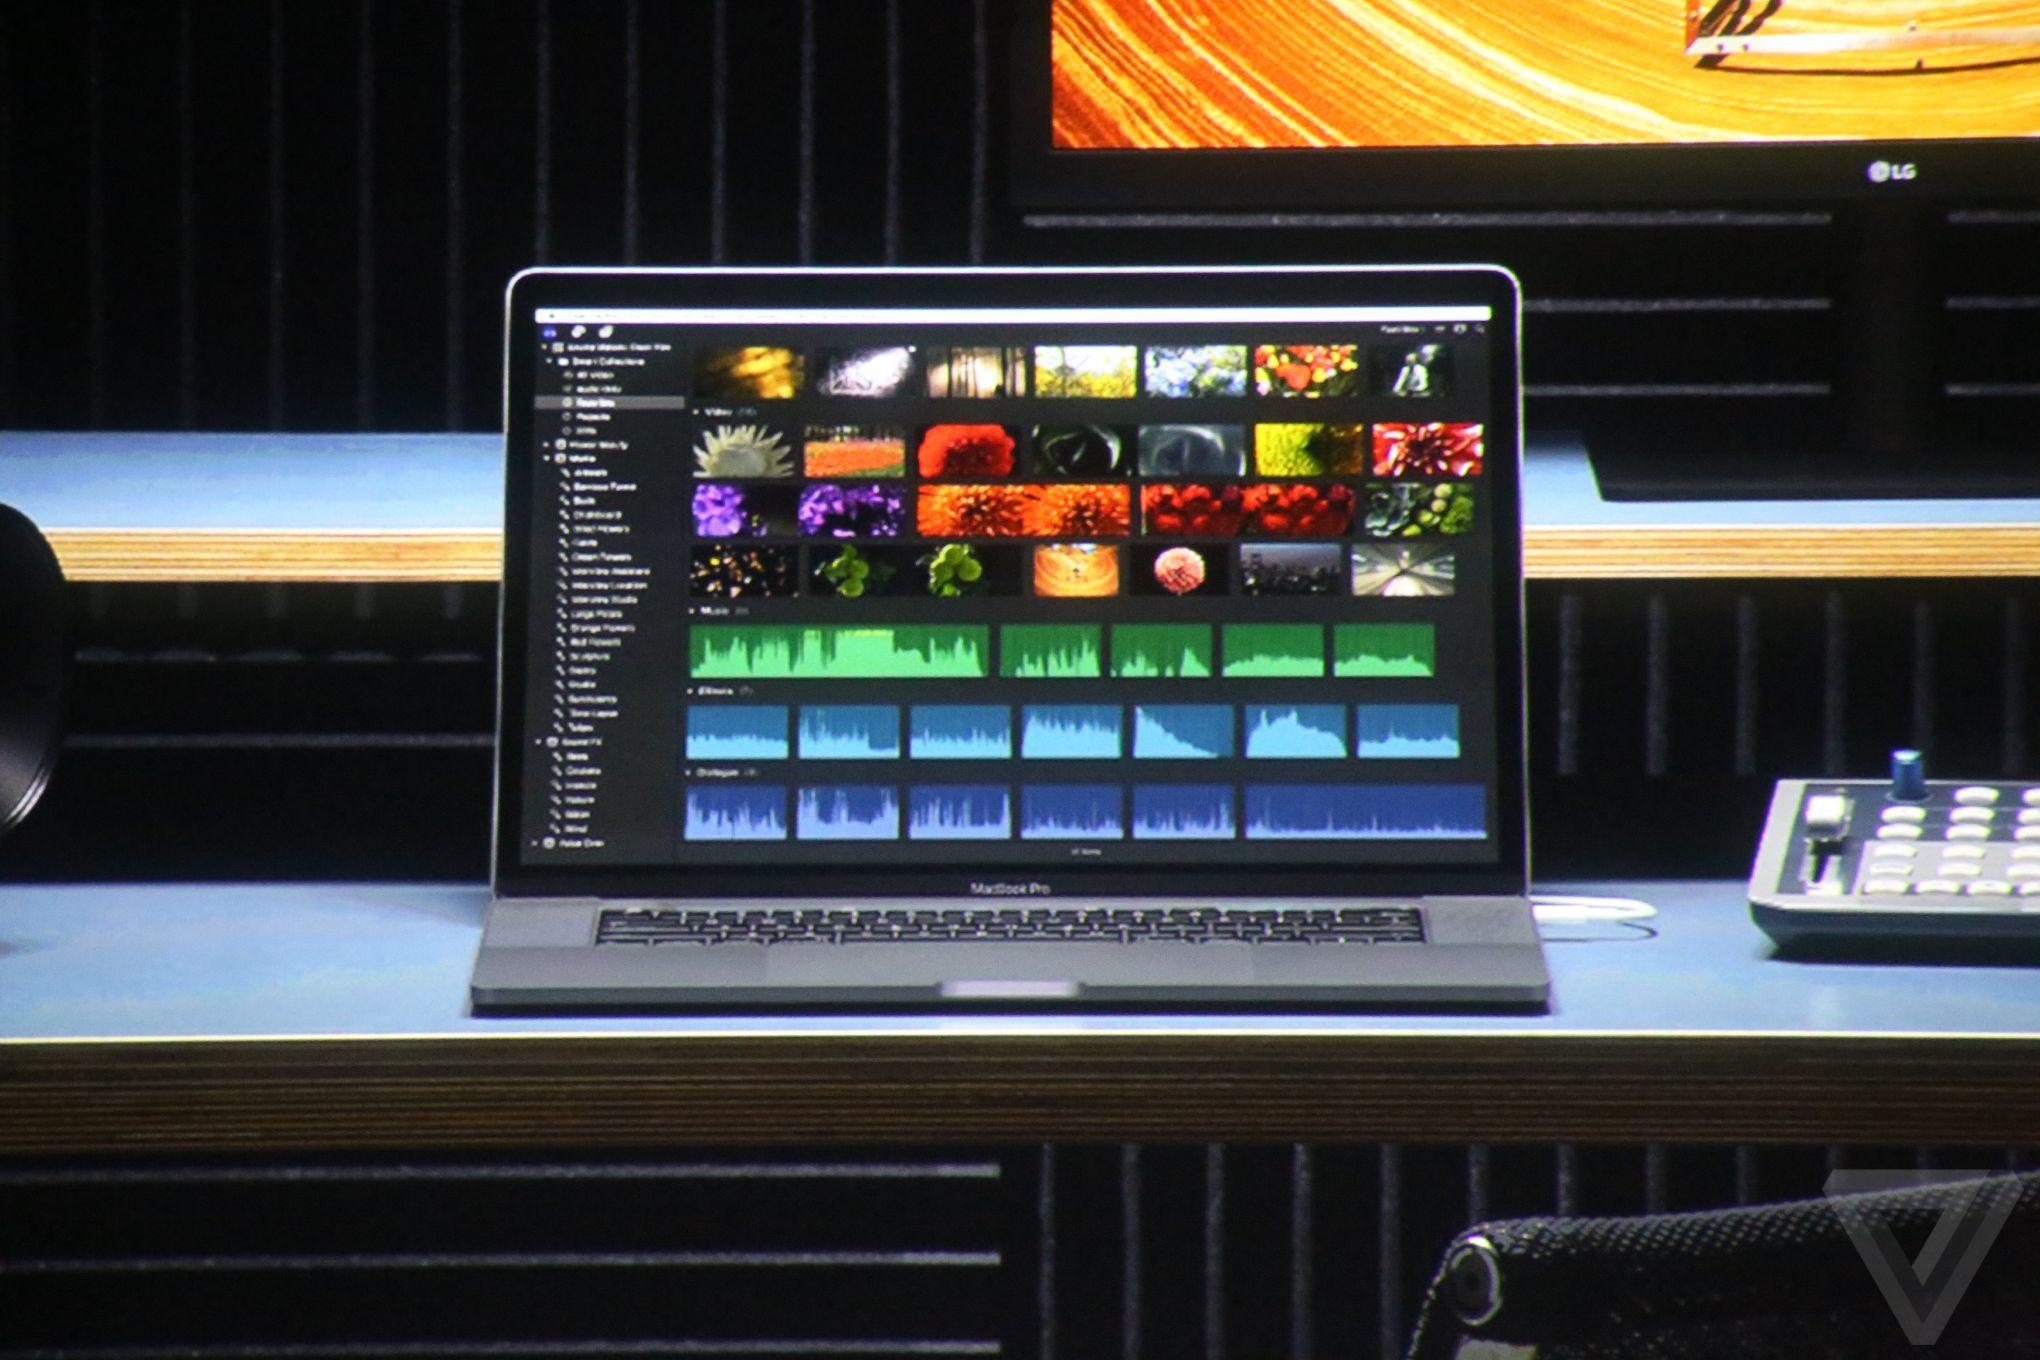 ارمغانهای مک بوک پرو جدید؛ پردازنده  Core i7 ، ۶٧ درصد روشنایی بیشتر، چهار پورت تاندربولت، ۵۰ درصد گرافیک بهتر